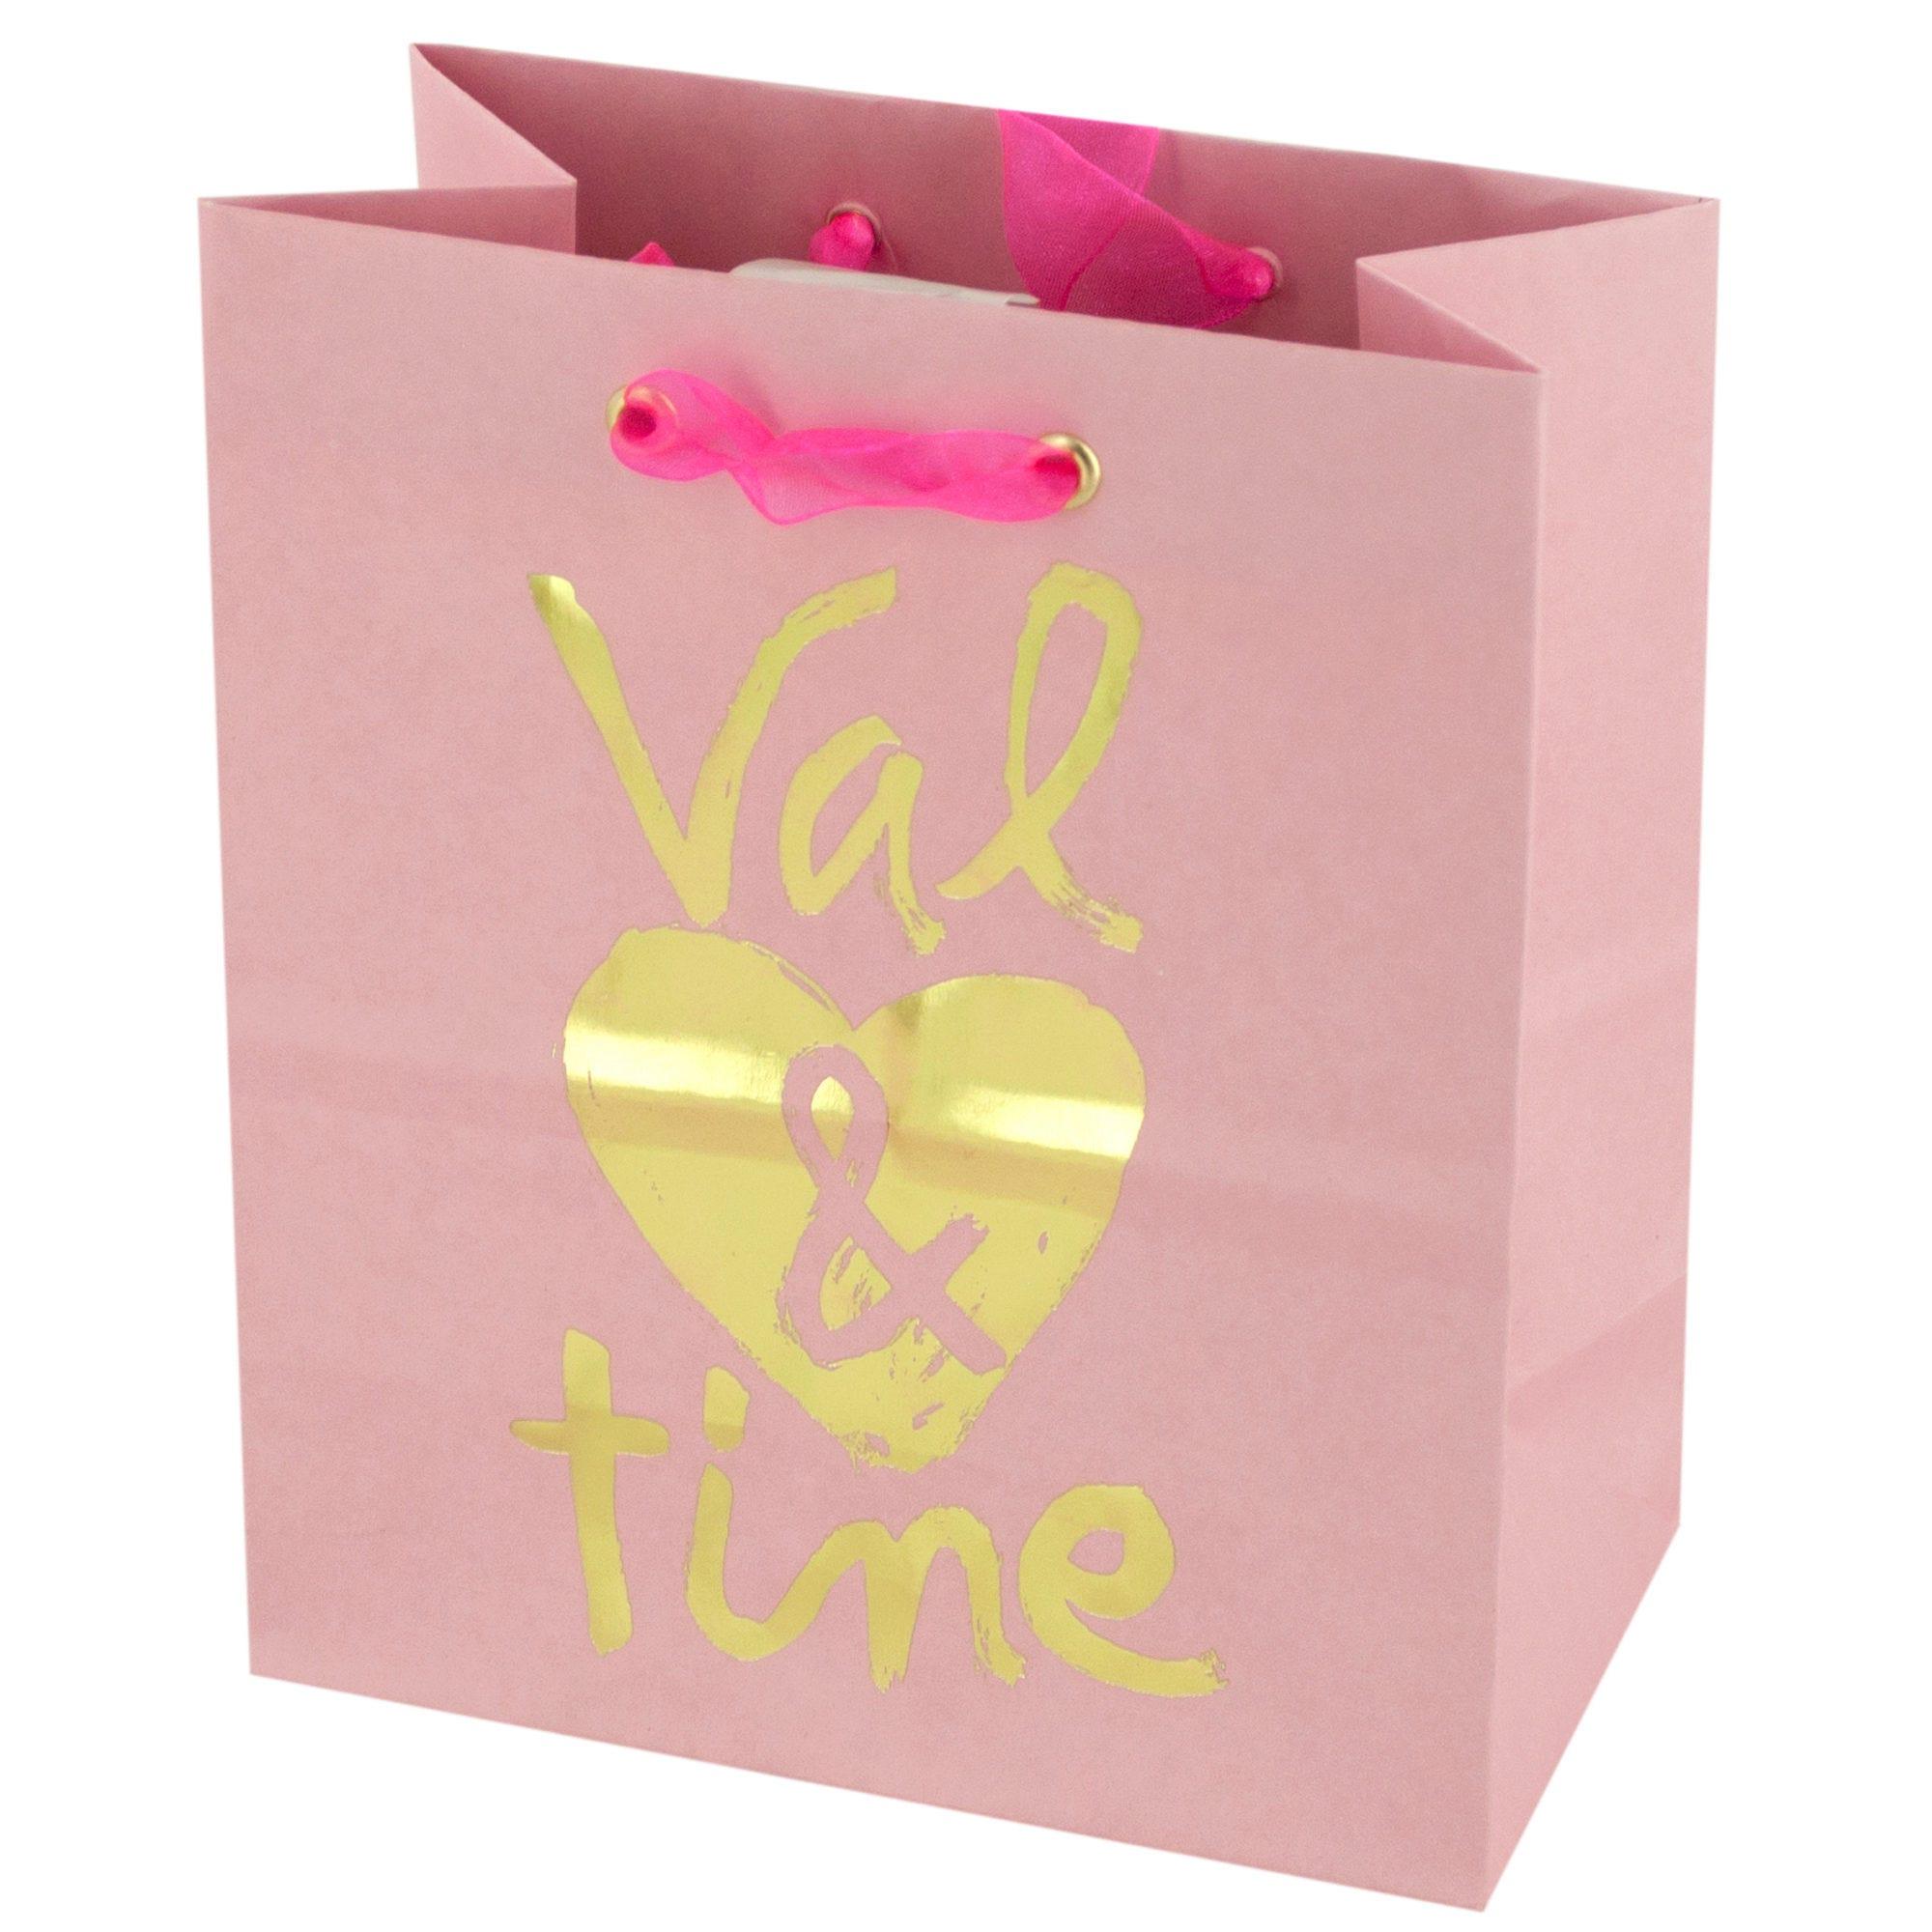 'Val & Tine' Small Gift Bag